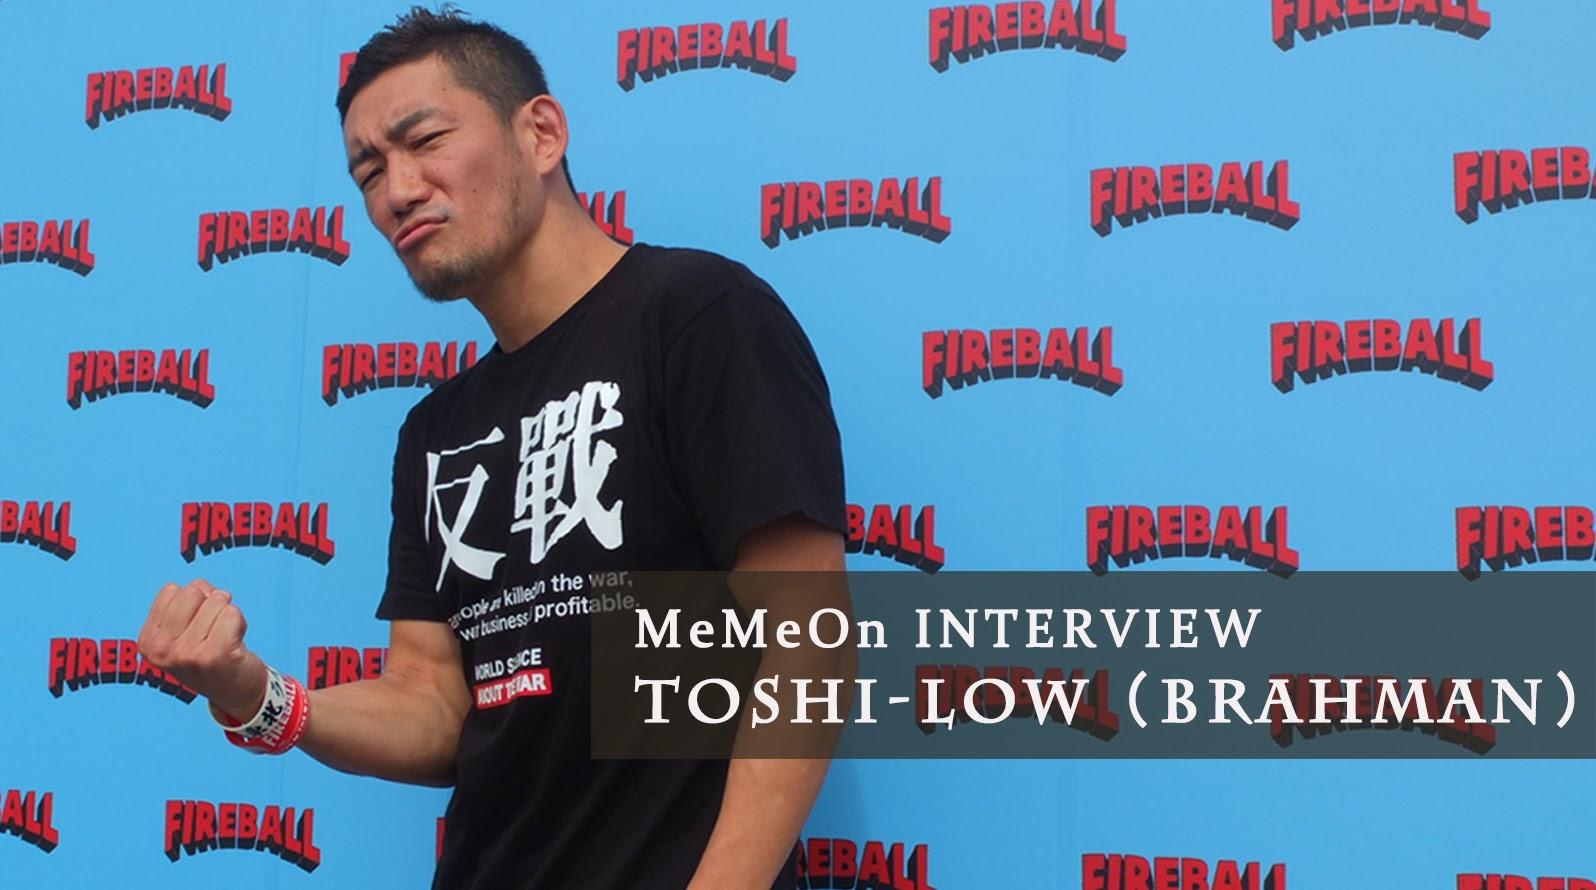 TOSHI-LOW ( BRAHMAN ) MeMeOnインタビュー(2)